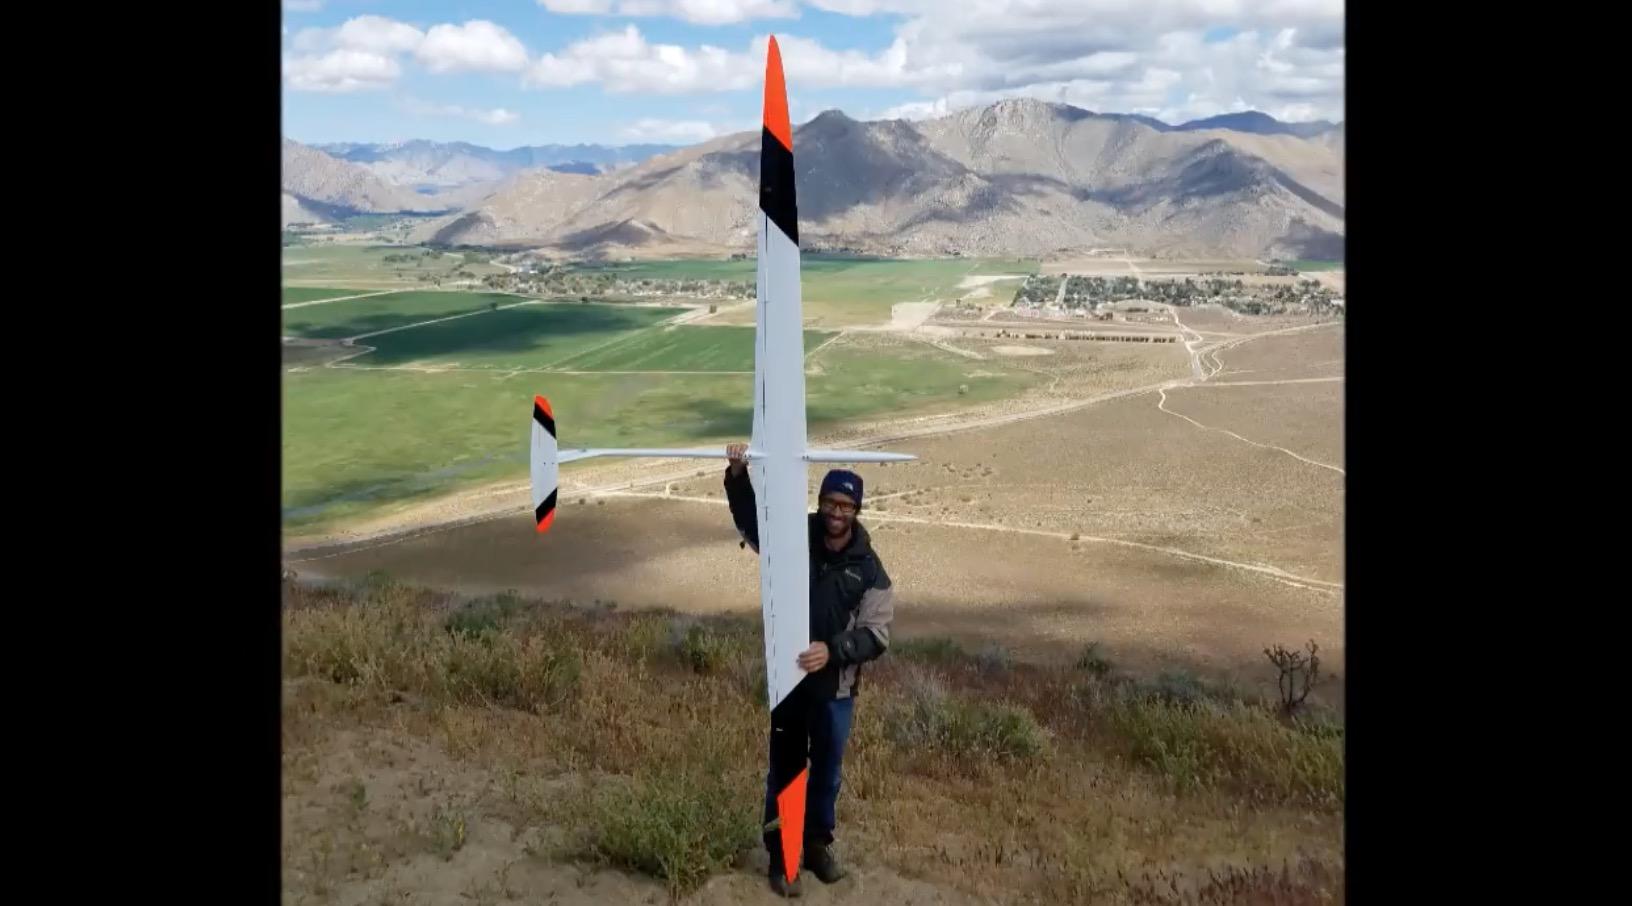 目を疑う速さ、、風の力だけで時速835kmで飛ぶ模型グライダーが凄い!※早回しではありません